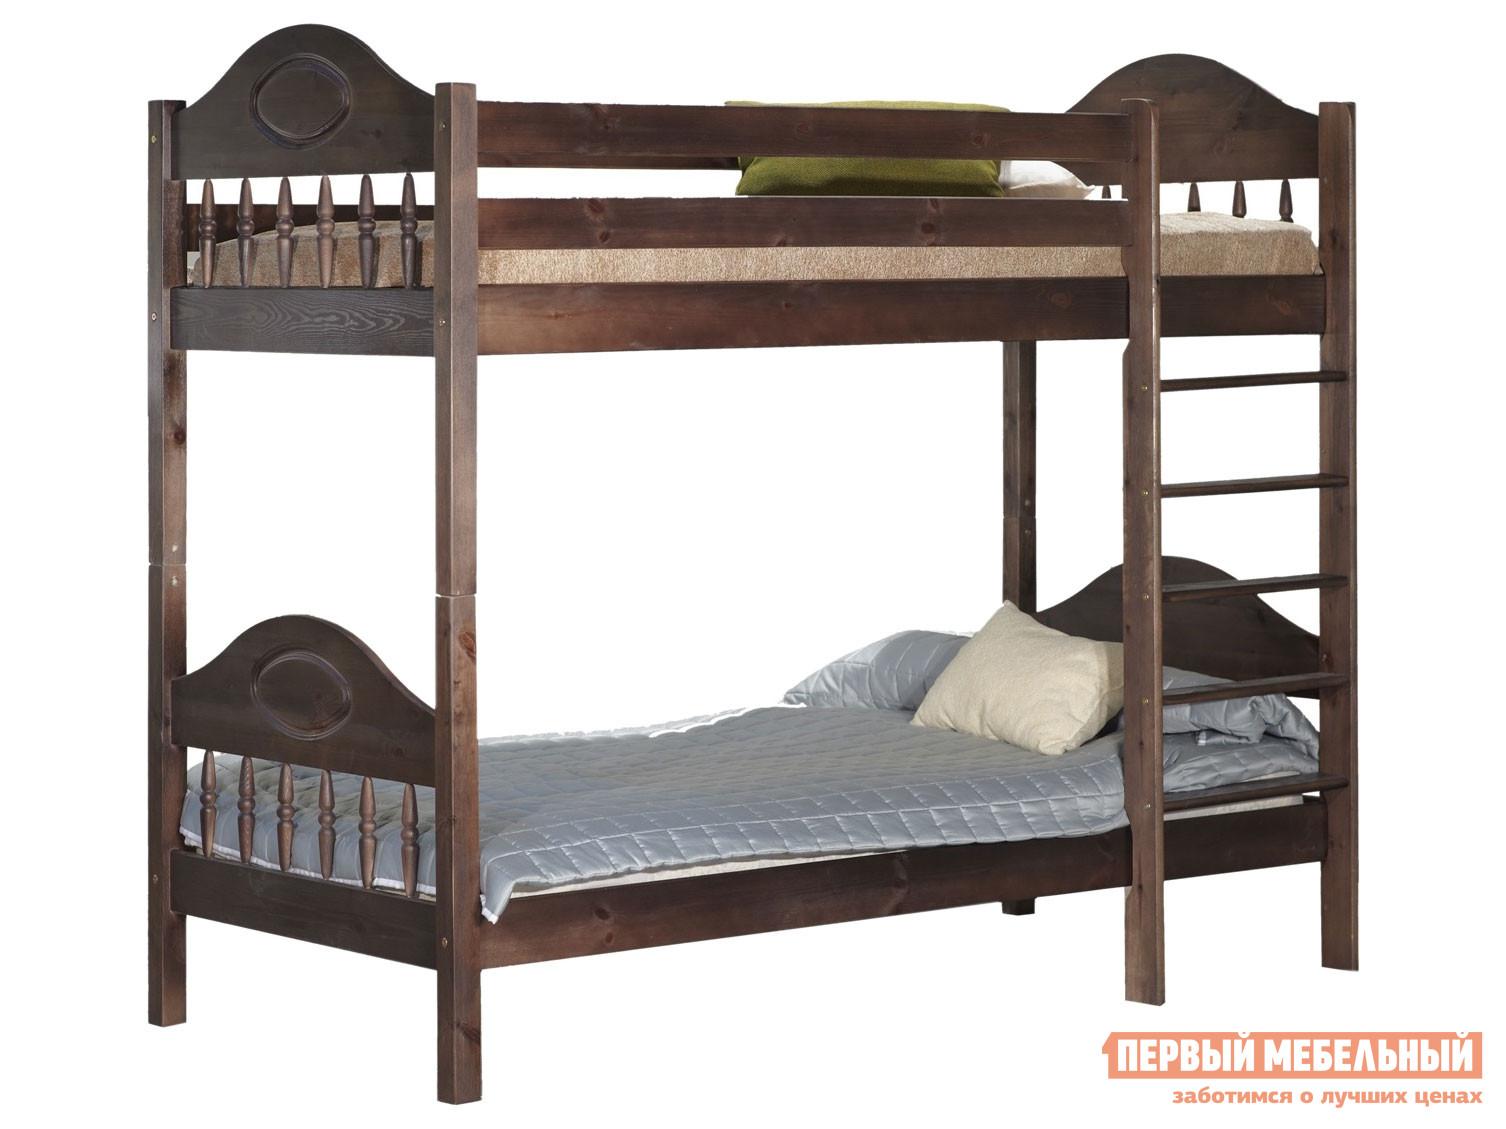 Двухъярусная кровать Timberica Кровать 2-ярусная Фрея (F2)